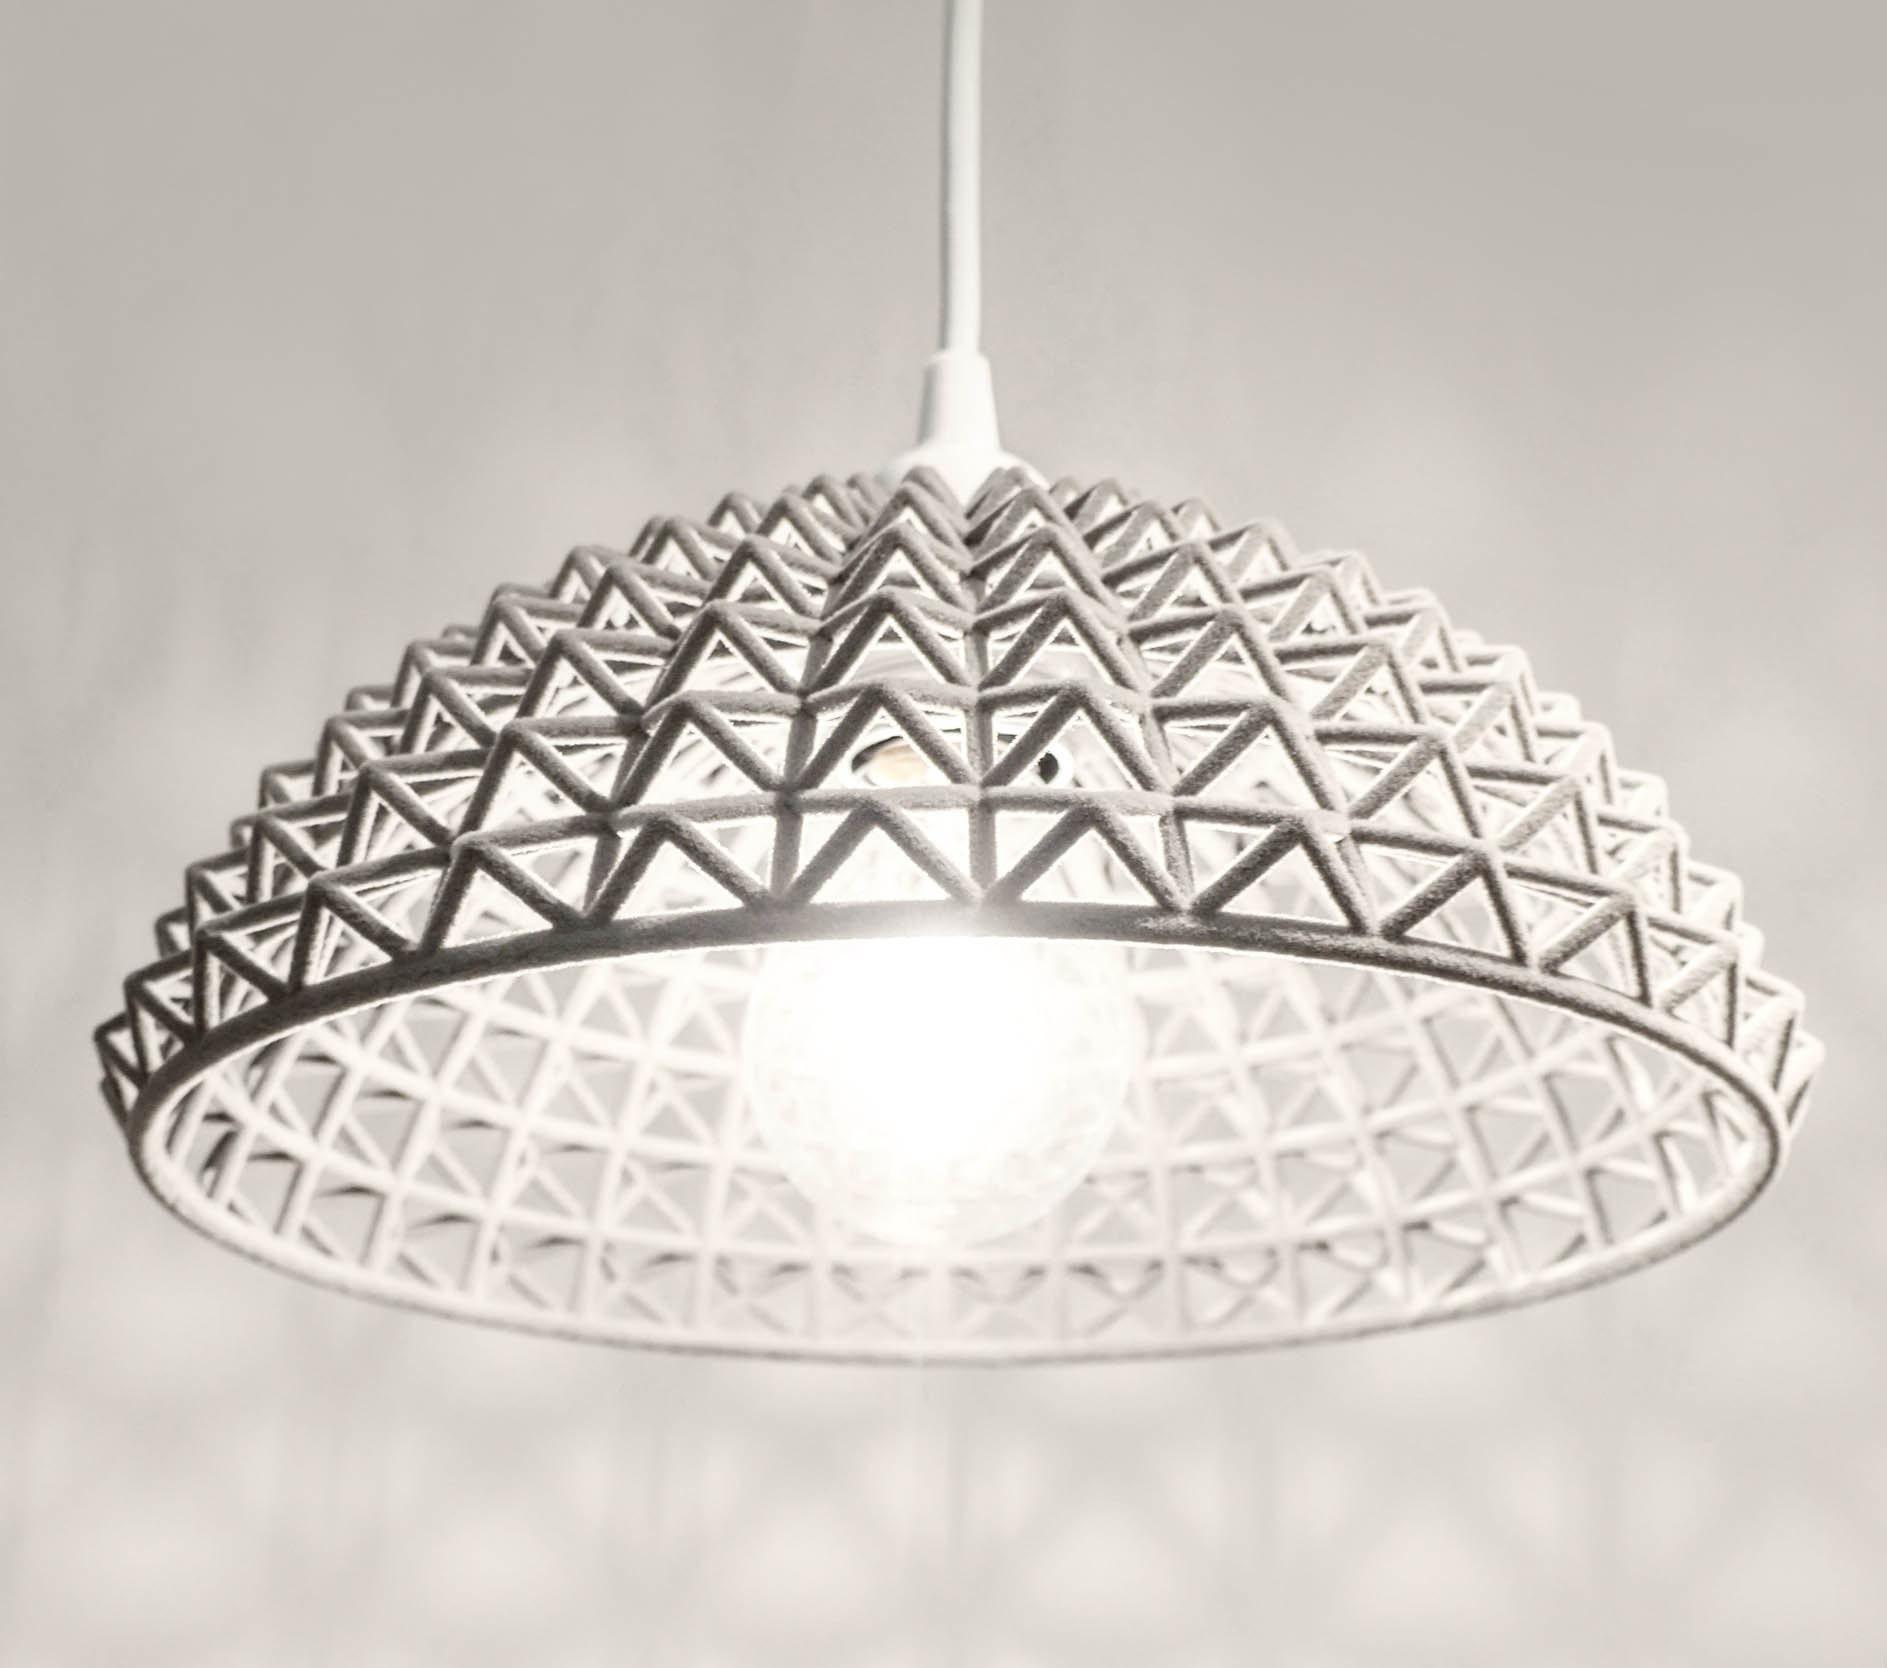 3D printed Geometric lampshade